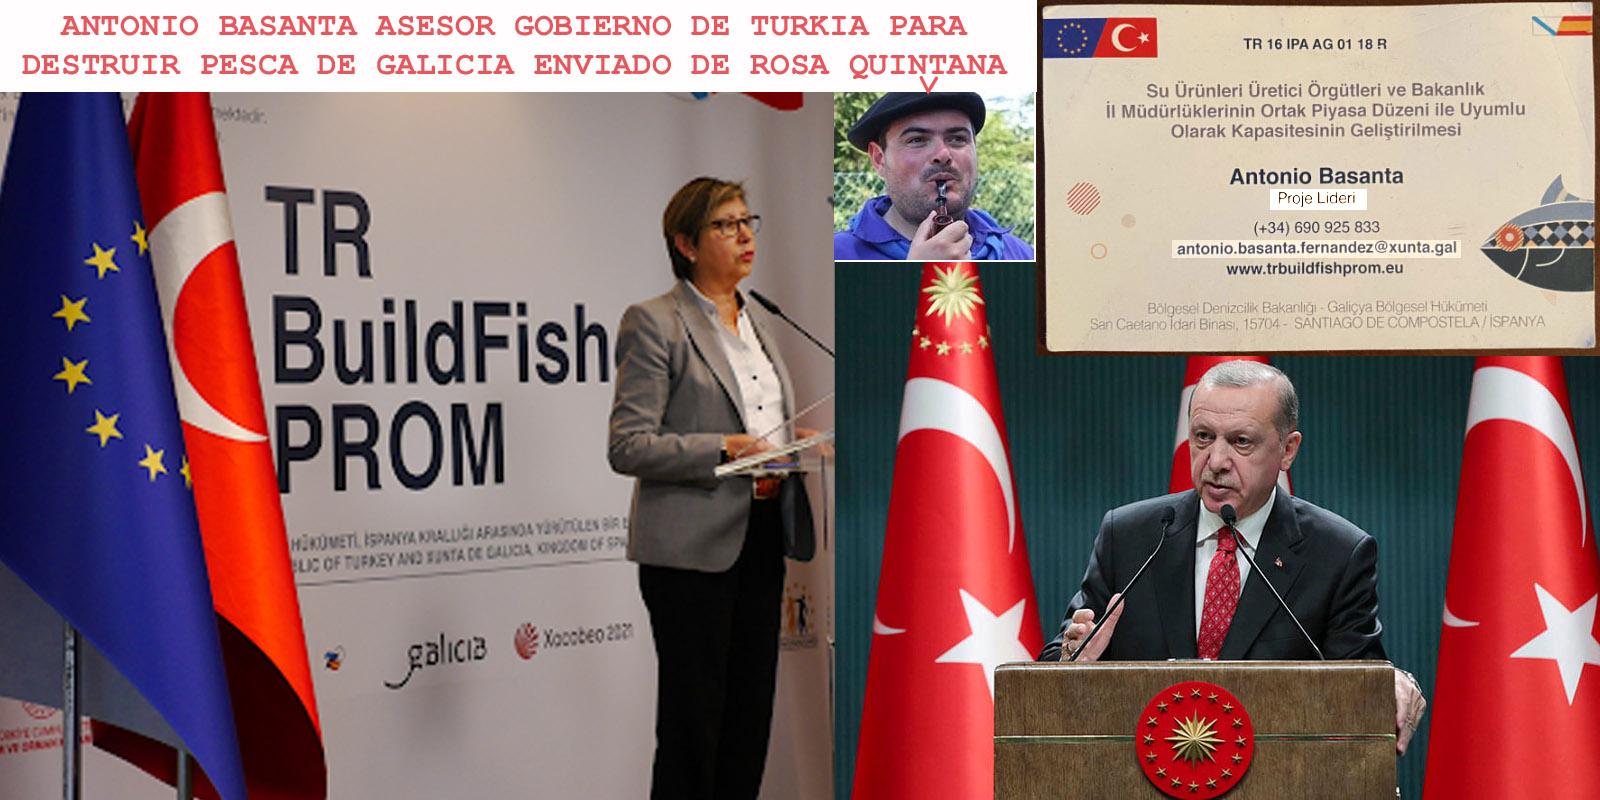 PPdeG utiliza un del partido infiltrado en la Xunta para colaborar con el  Gobierno de Turquia, Erdoğan para destruir sector pesquero de Galicia con  fondos europeos y violar los derechos humanos. -